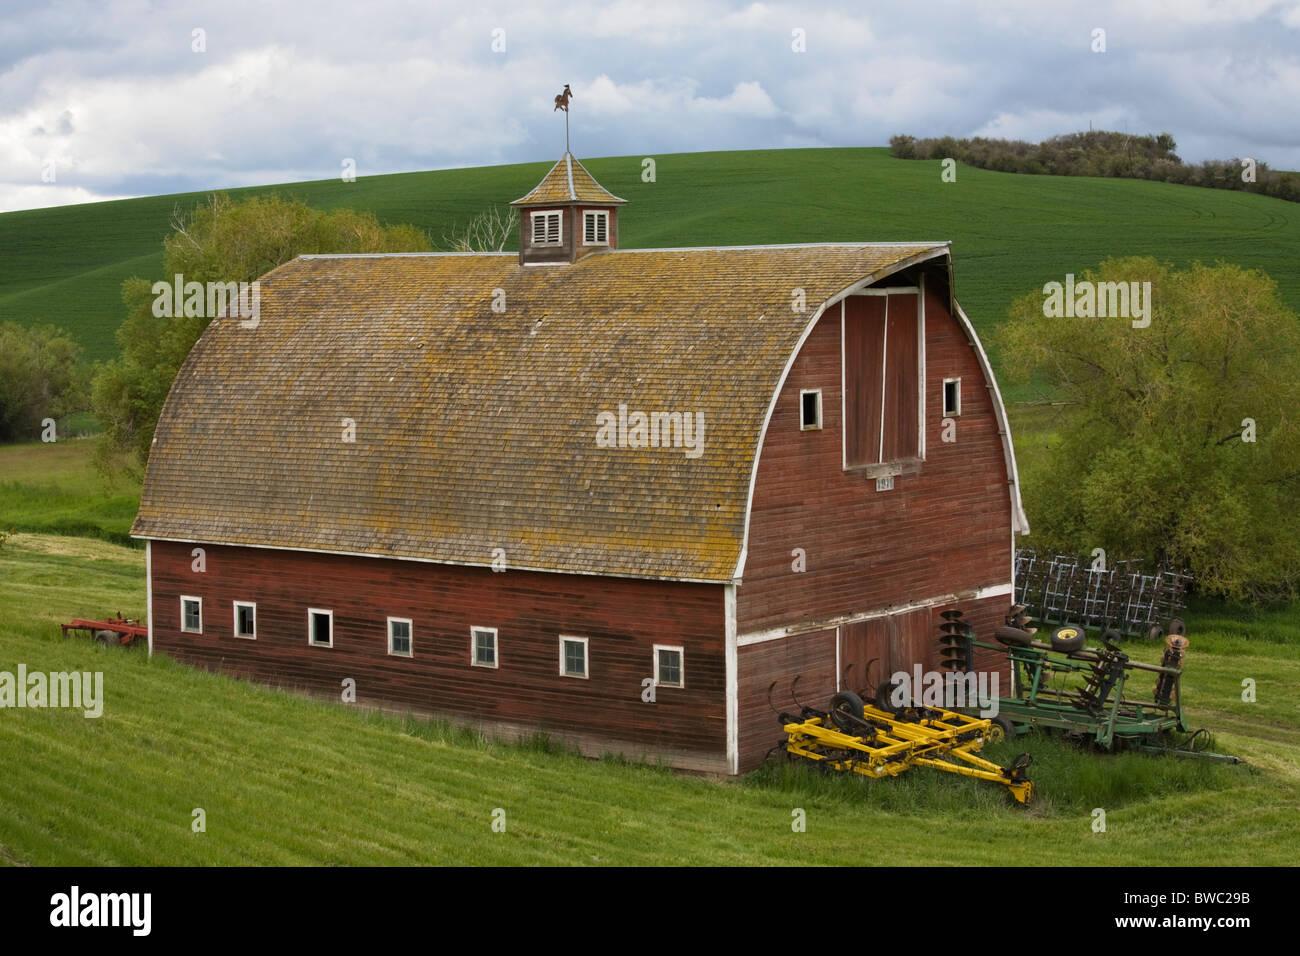 Rocking Horse Barn, Palouse, Washington State, USA - Stock Image